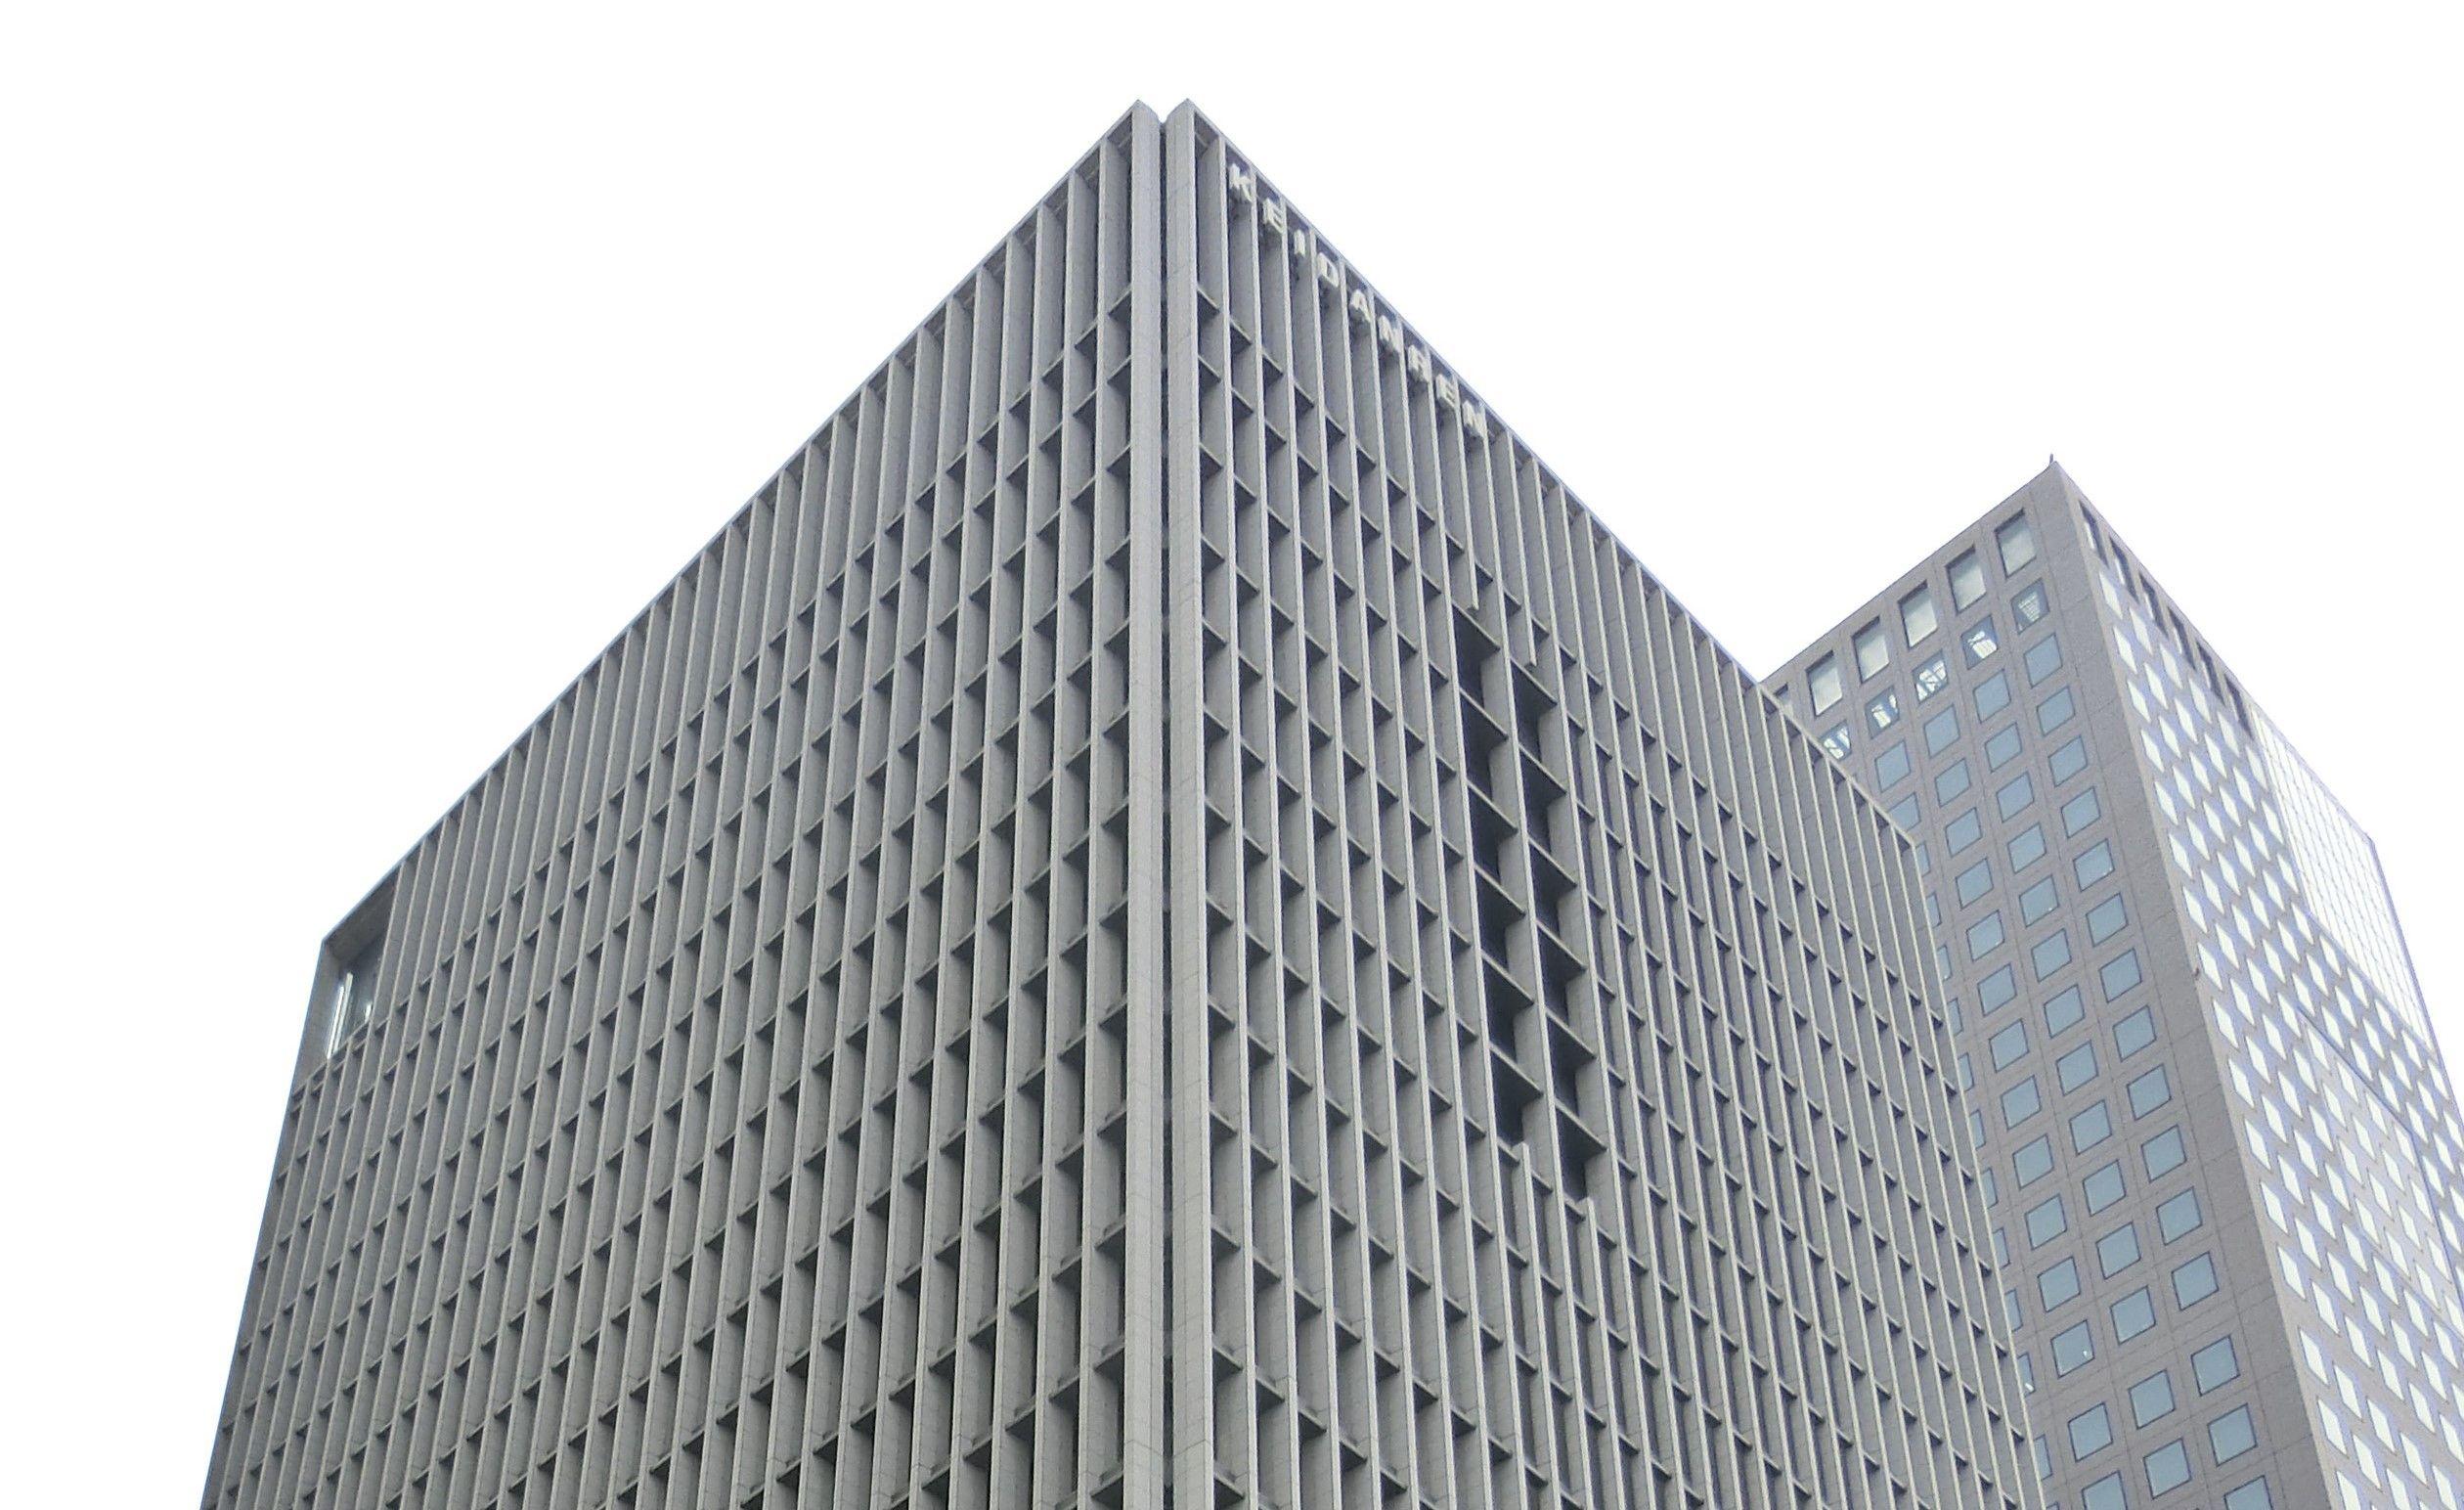 【住友林業】M&Aで海外住宅事業が大ブレイク!